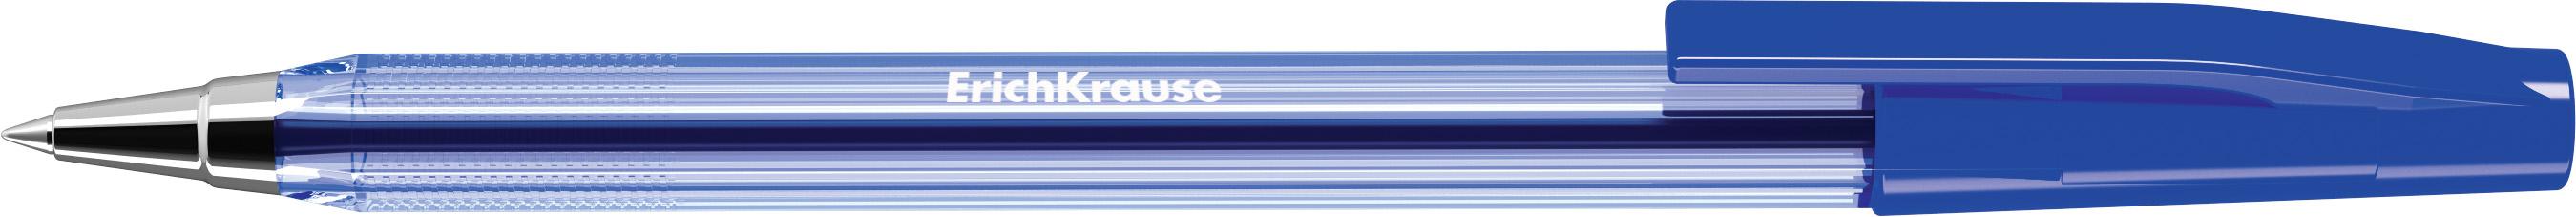 Ручка шариковая EK Ultra L-15 синяя 0,7мм